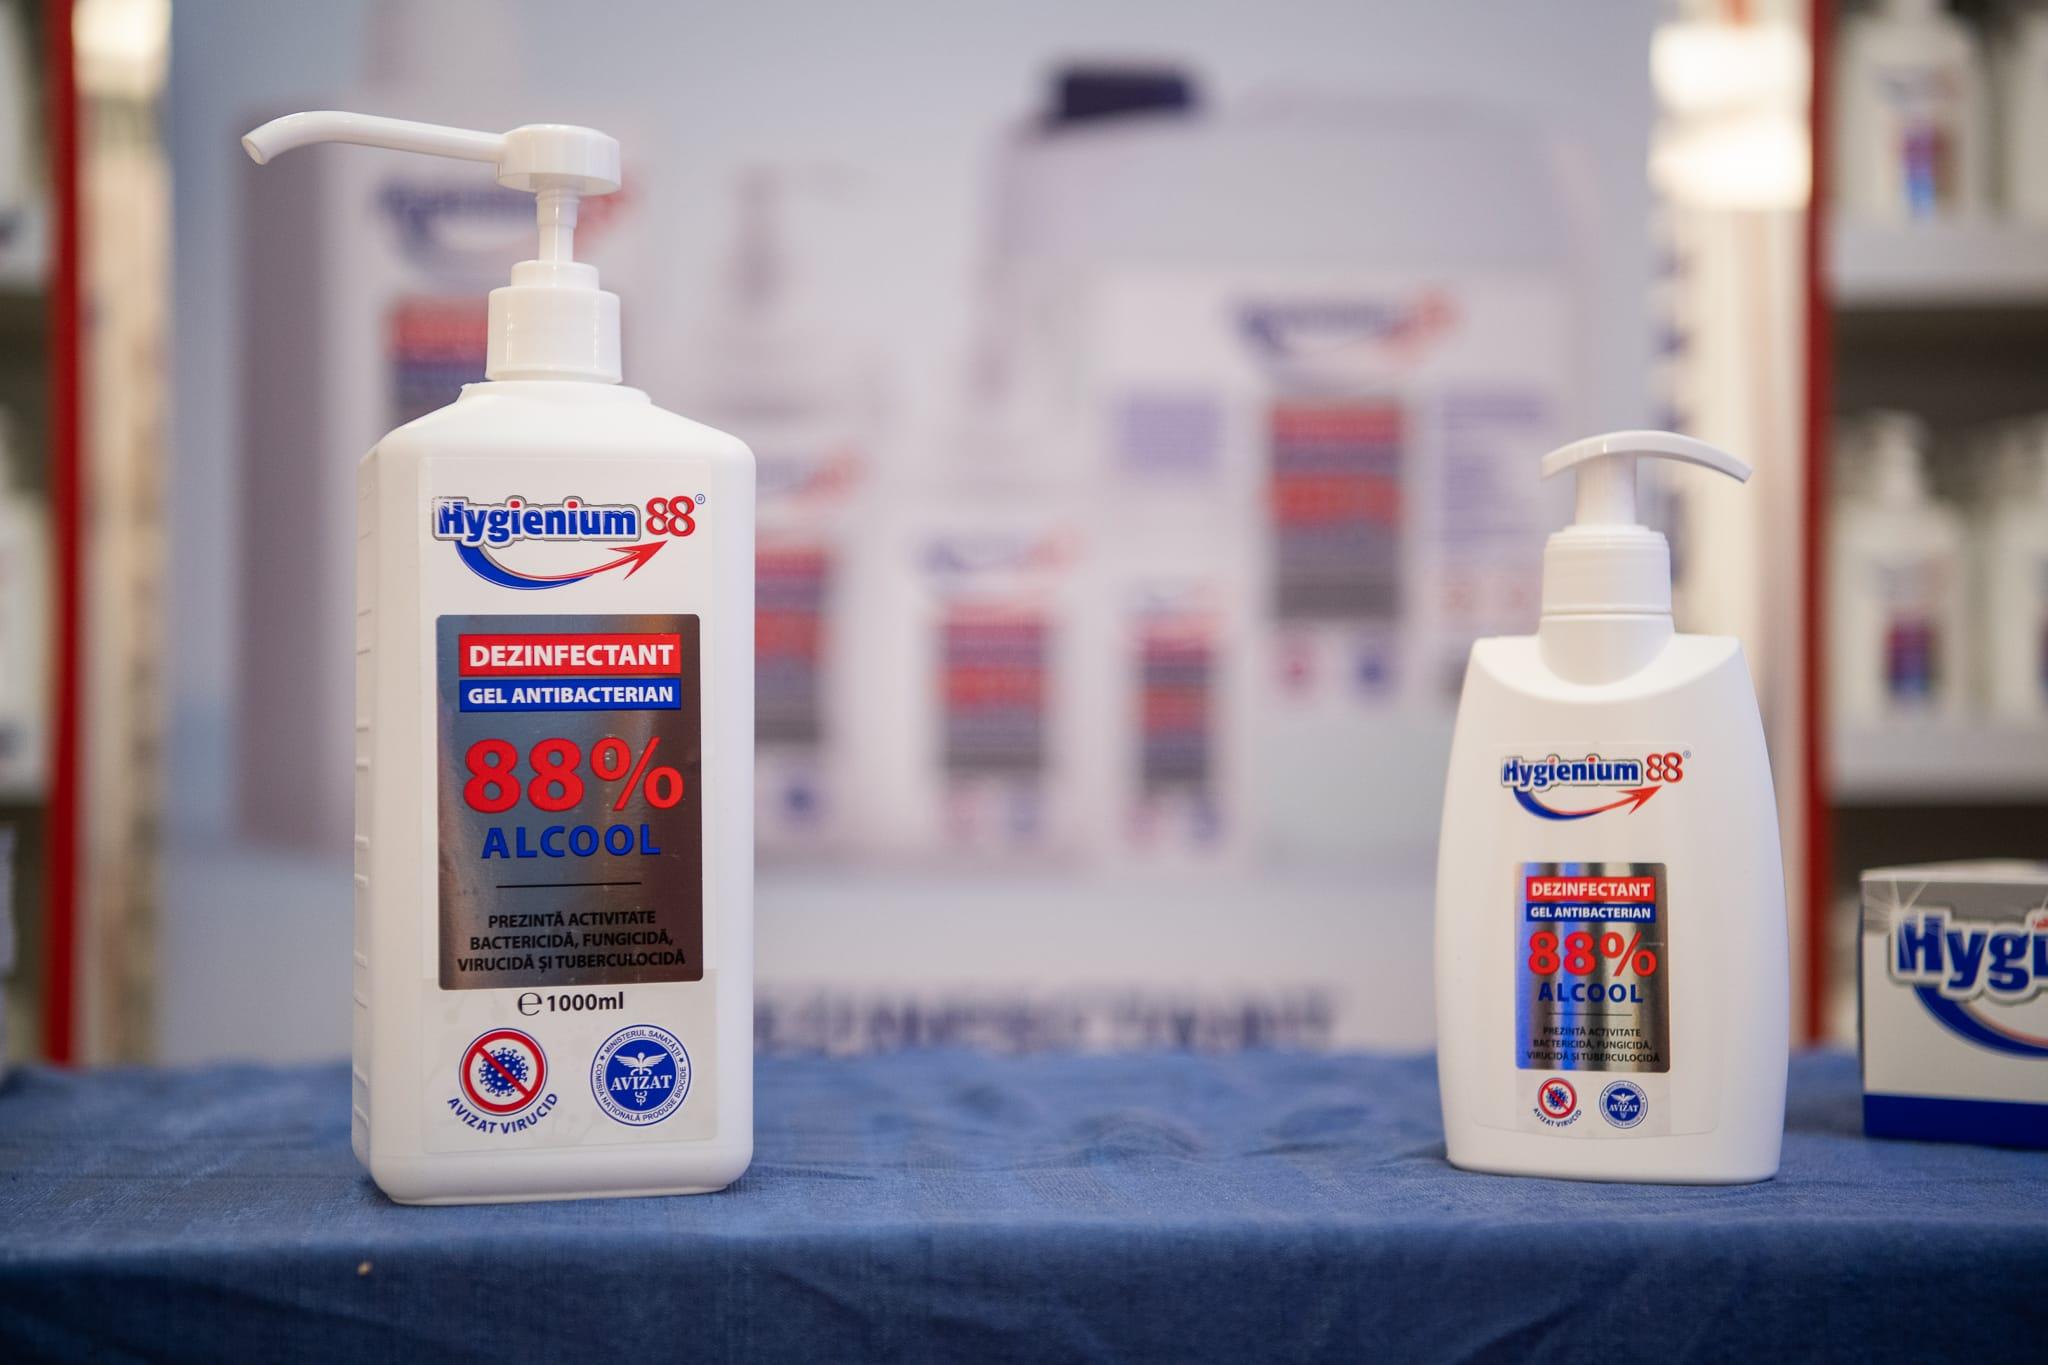 Hygienium, partener la ROHO – Convenția Română a Spitalelor: ,,Siguranţa sanitară, în prim-plan''